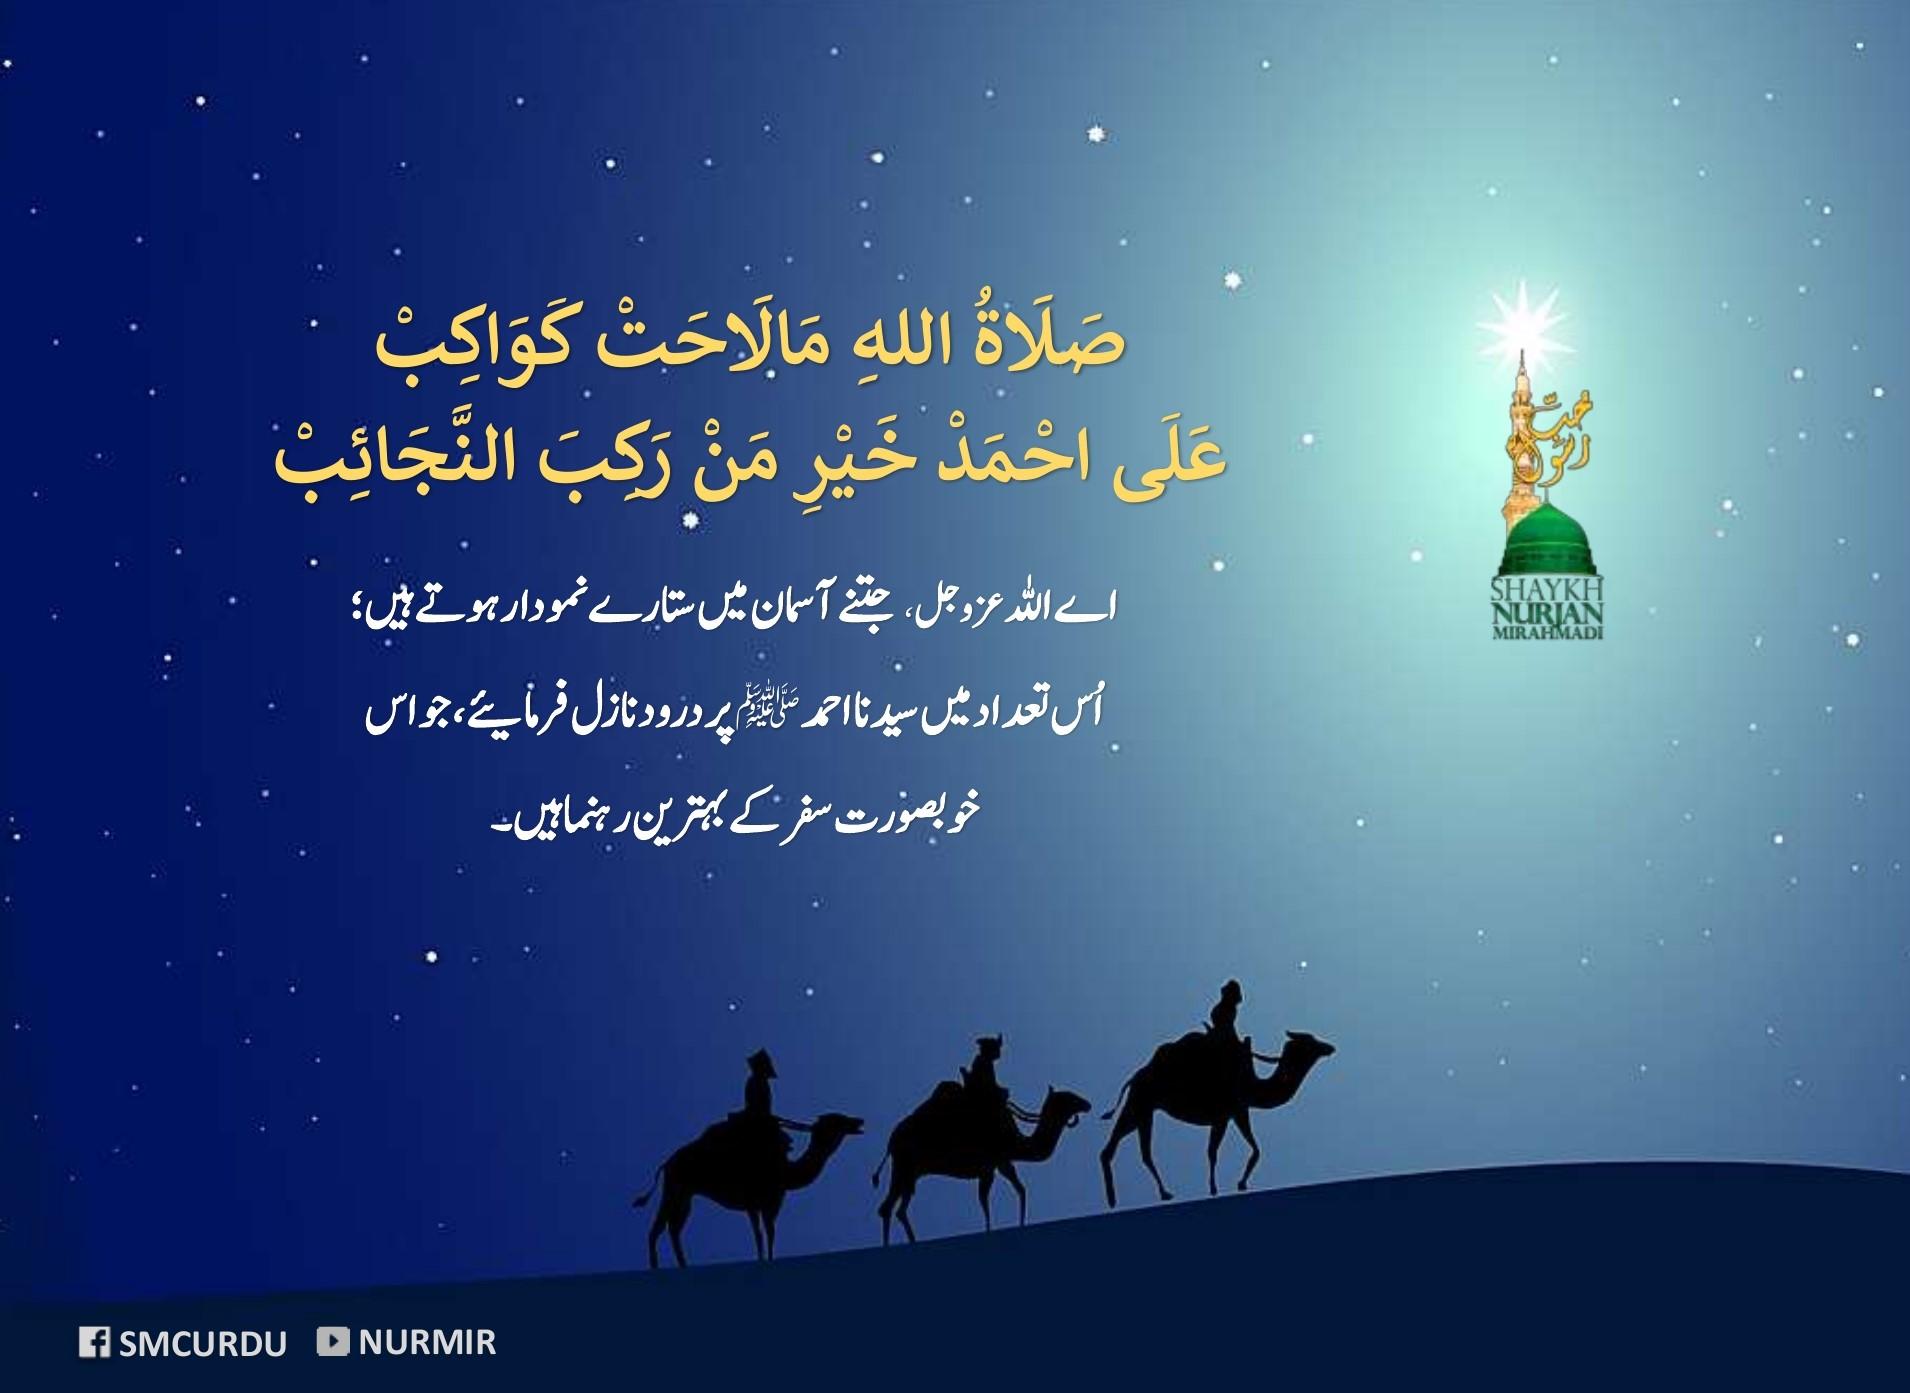 Ya Hannan Ya Mannan and Salatullahi Ma Laahat Kawakeb   Page 24-26  Salawat Book...